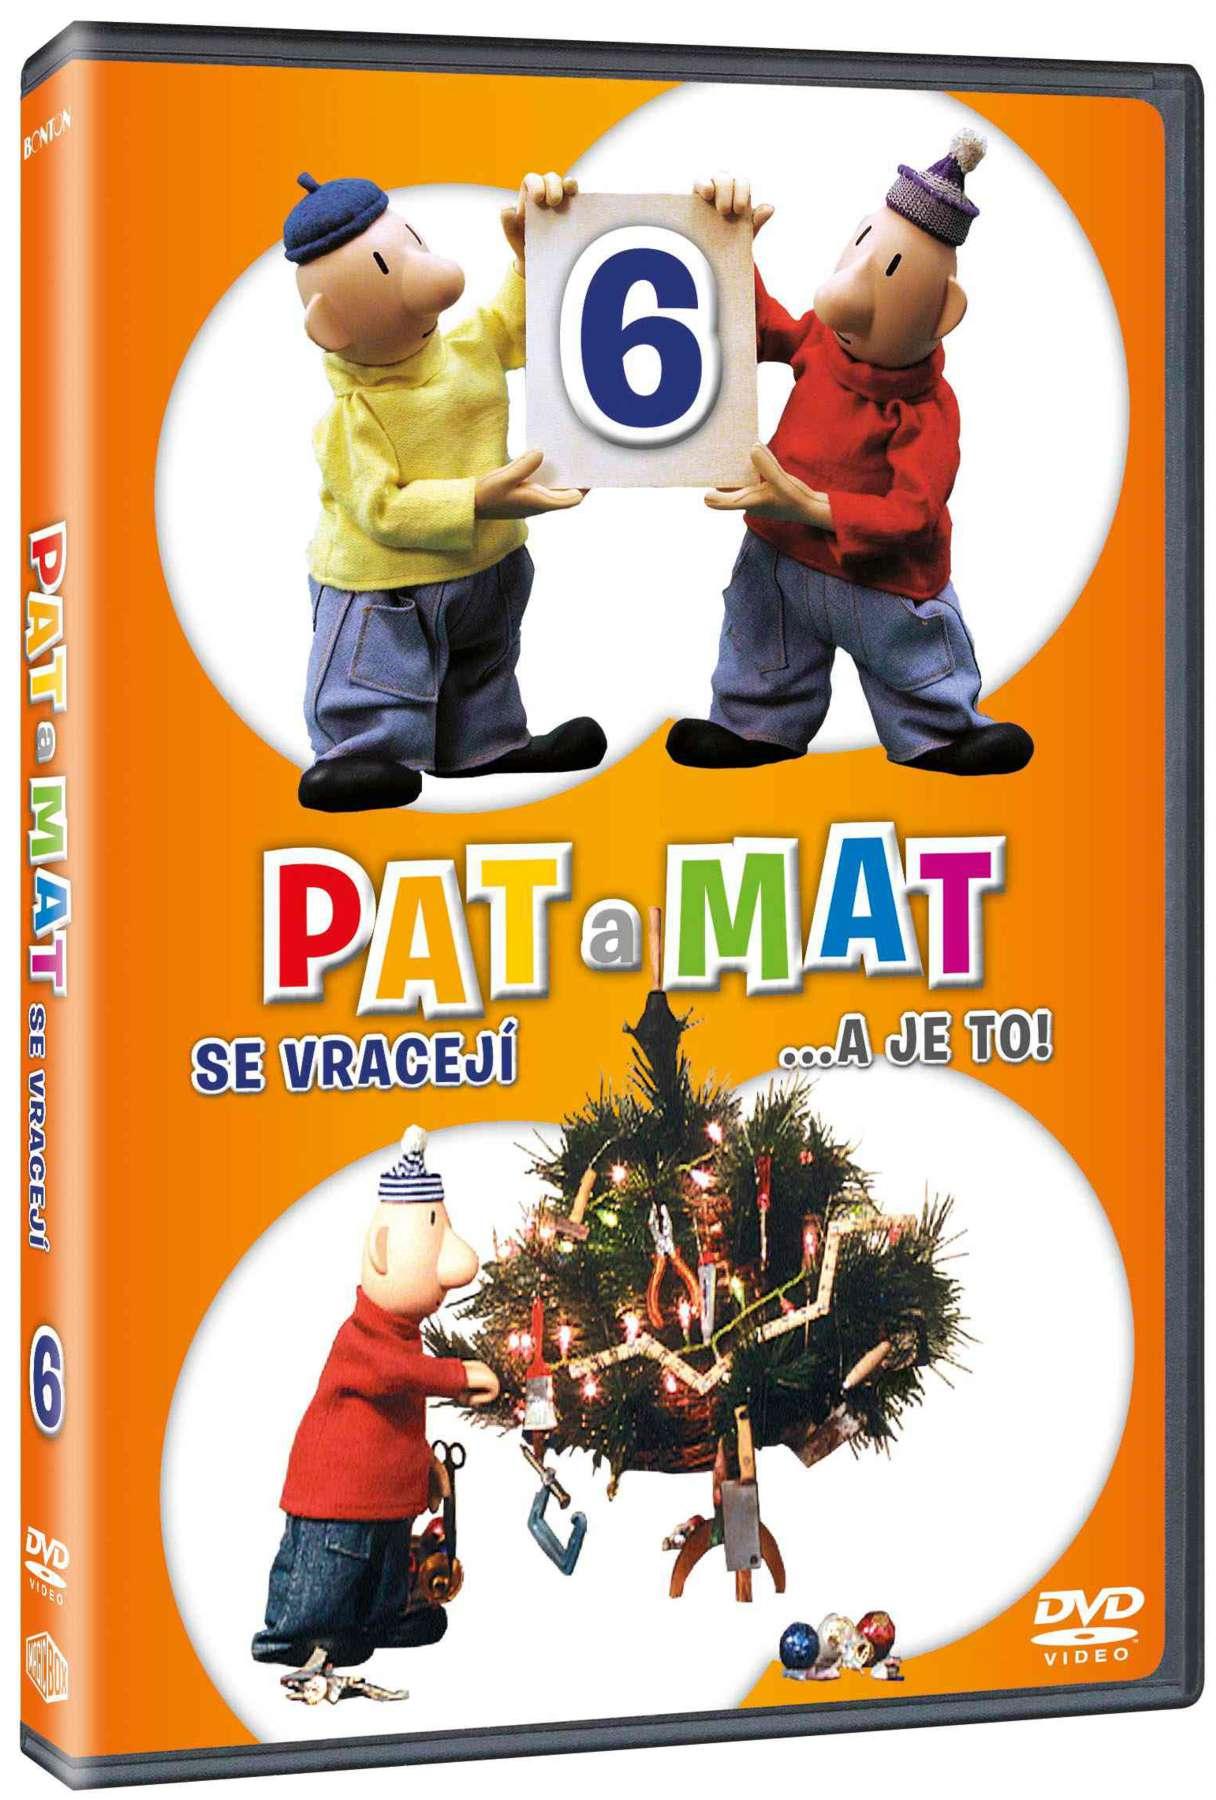 PAT A MAT 6 (A JE TO) - DVD